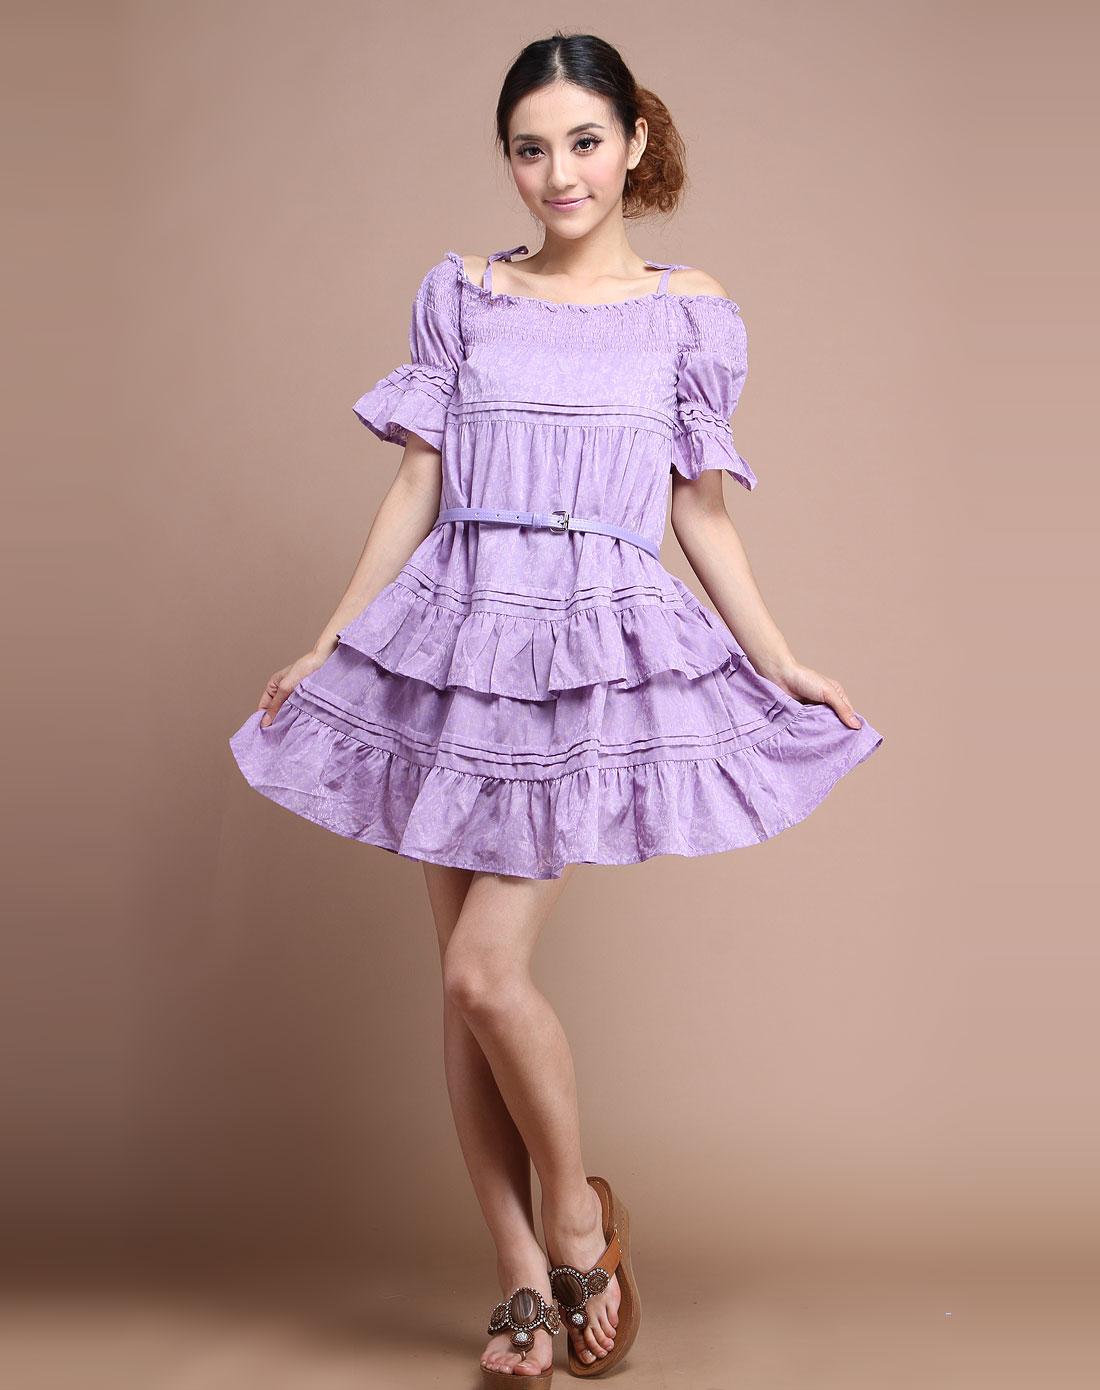 雪紫色连衣裙